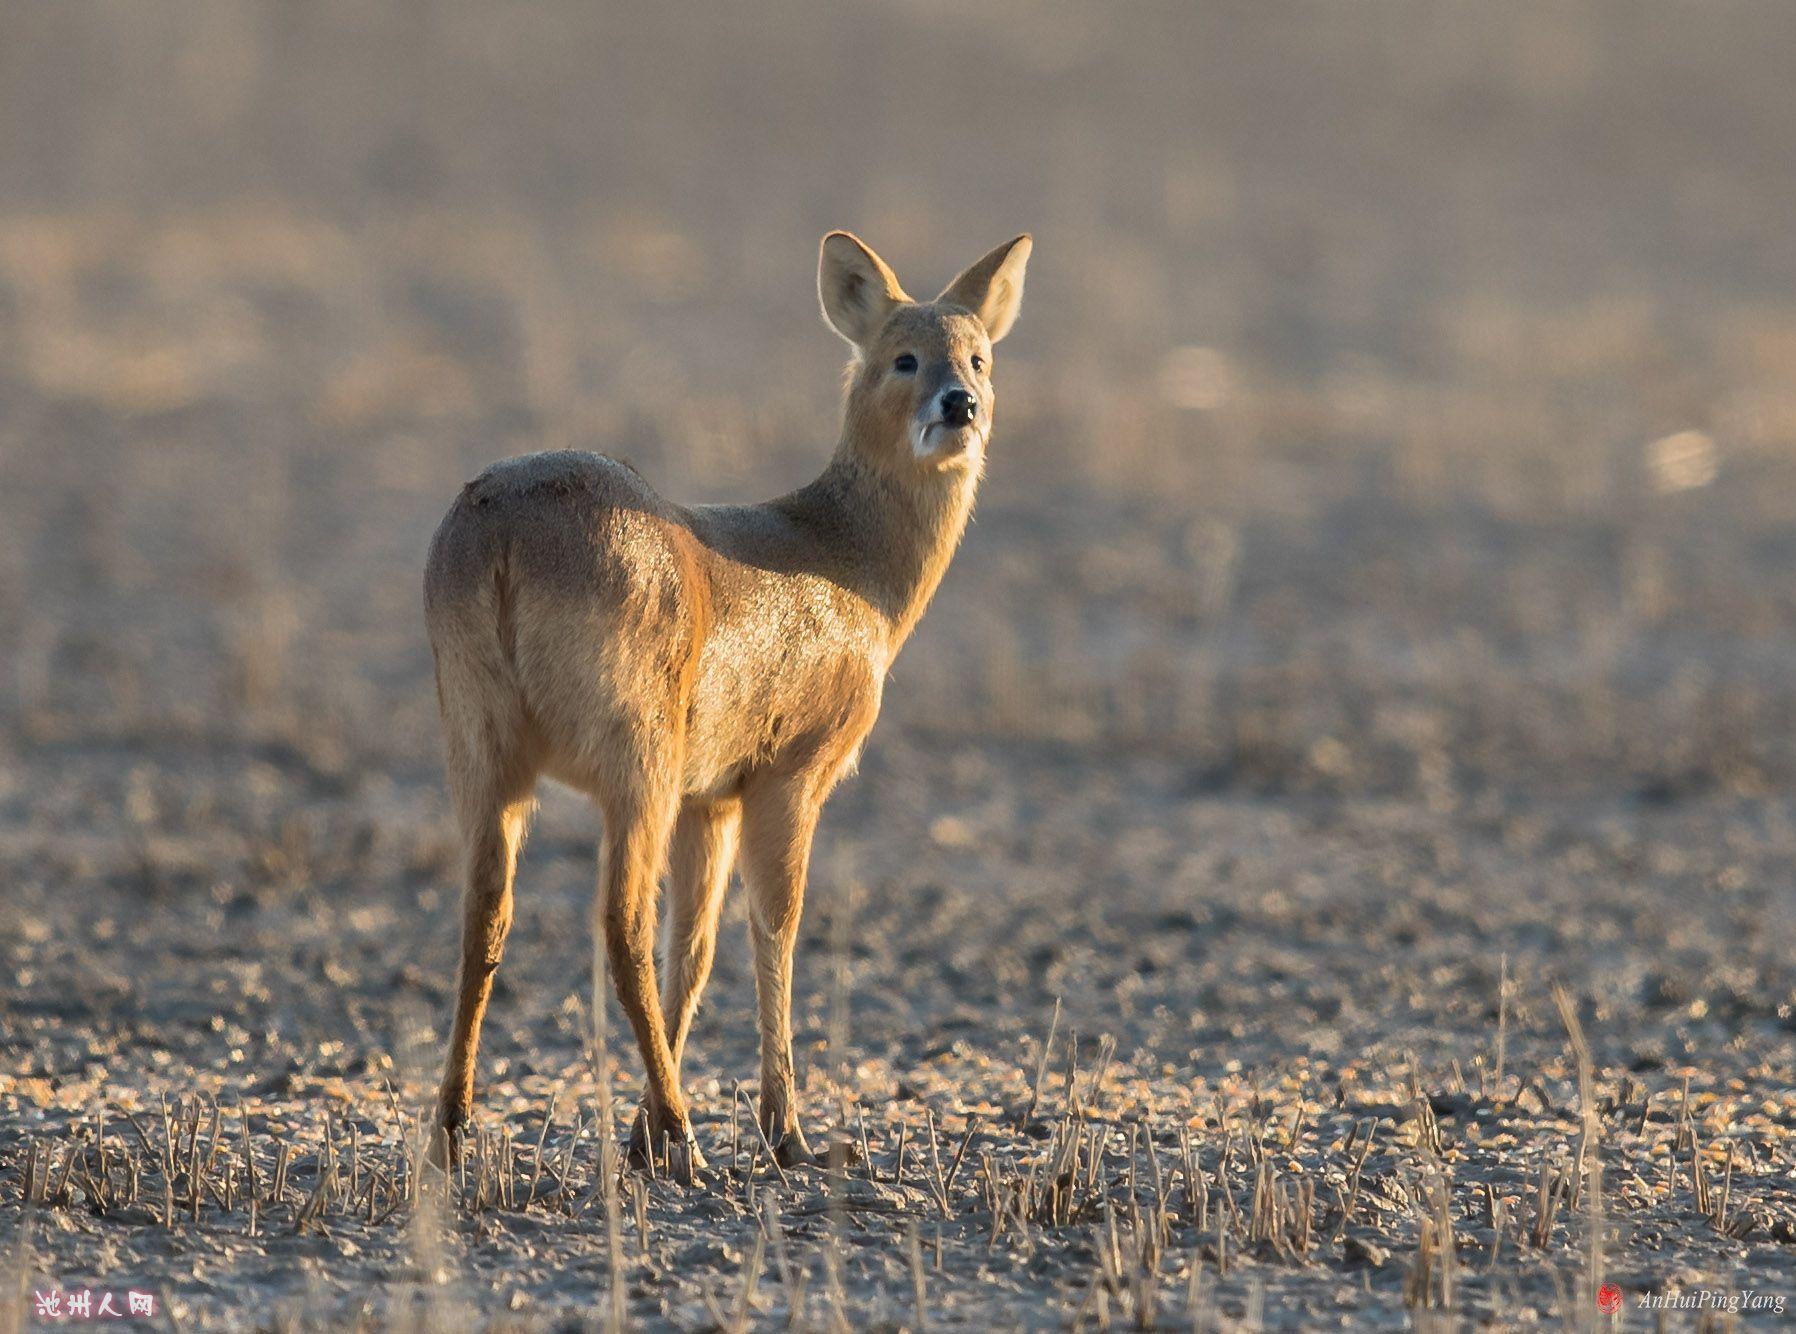 獐属于哺乳动物,形状像鹿,毛较粗,头上无角,雄的有长牙露出嘴外,亦称牙獐,别名为河麂、牙獐,外形似麝,体重平均约12公斤。哺乳动物,形状像鹿,毛较粗,头上无角,雄的有长牙露出嘴外,亦称牙獐。獐属于哺乳纲偶蹄鹿科动物,别名为河麂、牙獐,外形似麝,体重平均约12公斤。 目前世界上獐的主要种群仅分布在我国的长江中下游地区的个别地区,獐不仅是一种珍贵的物种资源,而且也是很有开发前途的经济动物,獐浑身都是宝,它的皮骨、肉都有很高的食用和药用价值,獐、麂、鹿、兔是历史传统狩猎野味,獐列其首位。由于对野生獐的滥捕